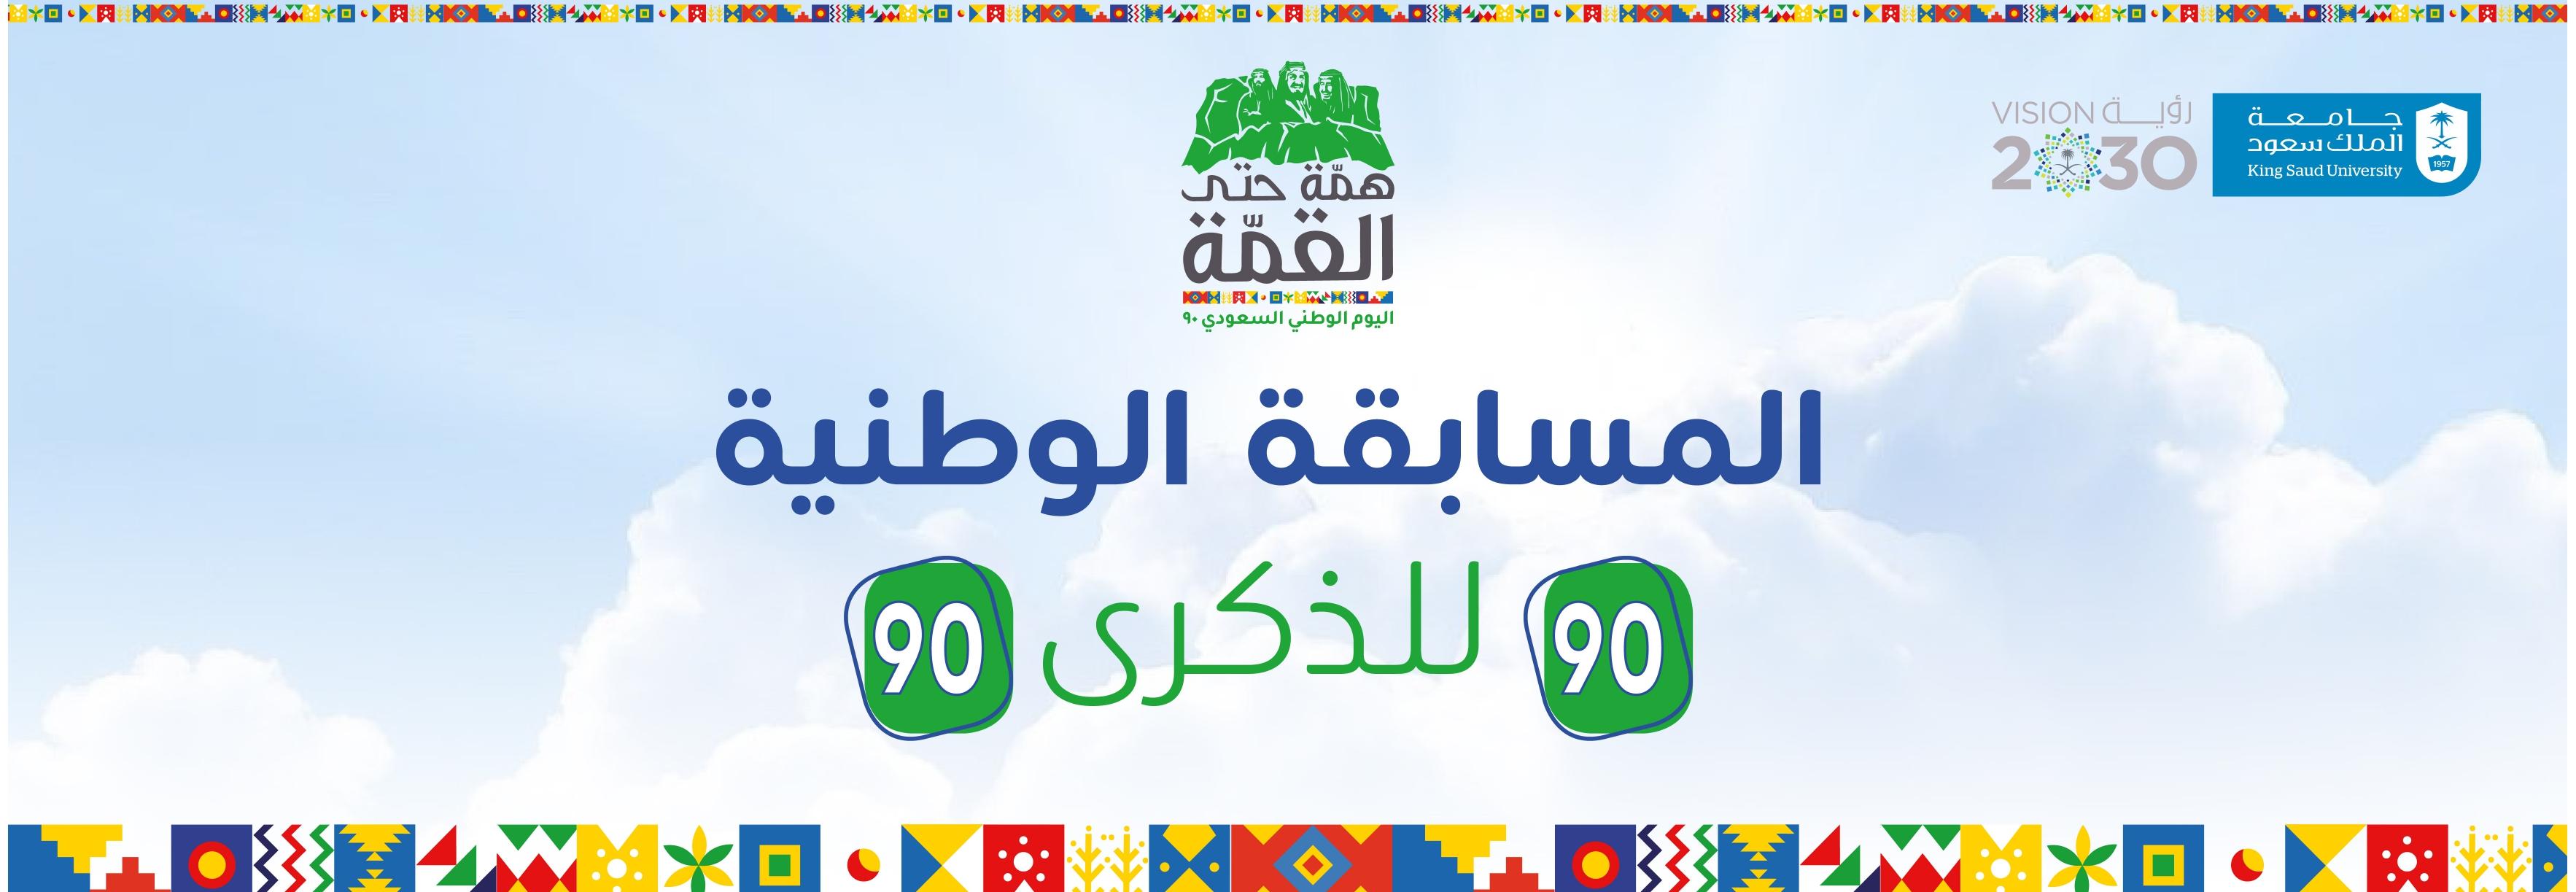 المسابقة الوطنية ٩٠للذكرى٩٠